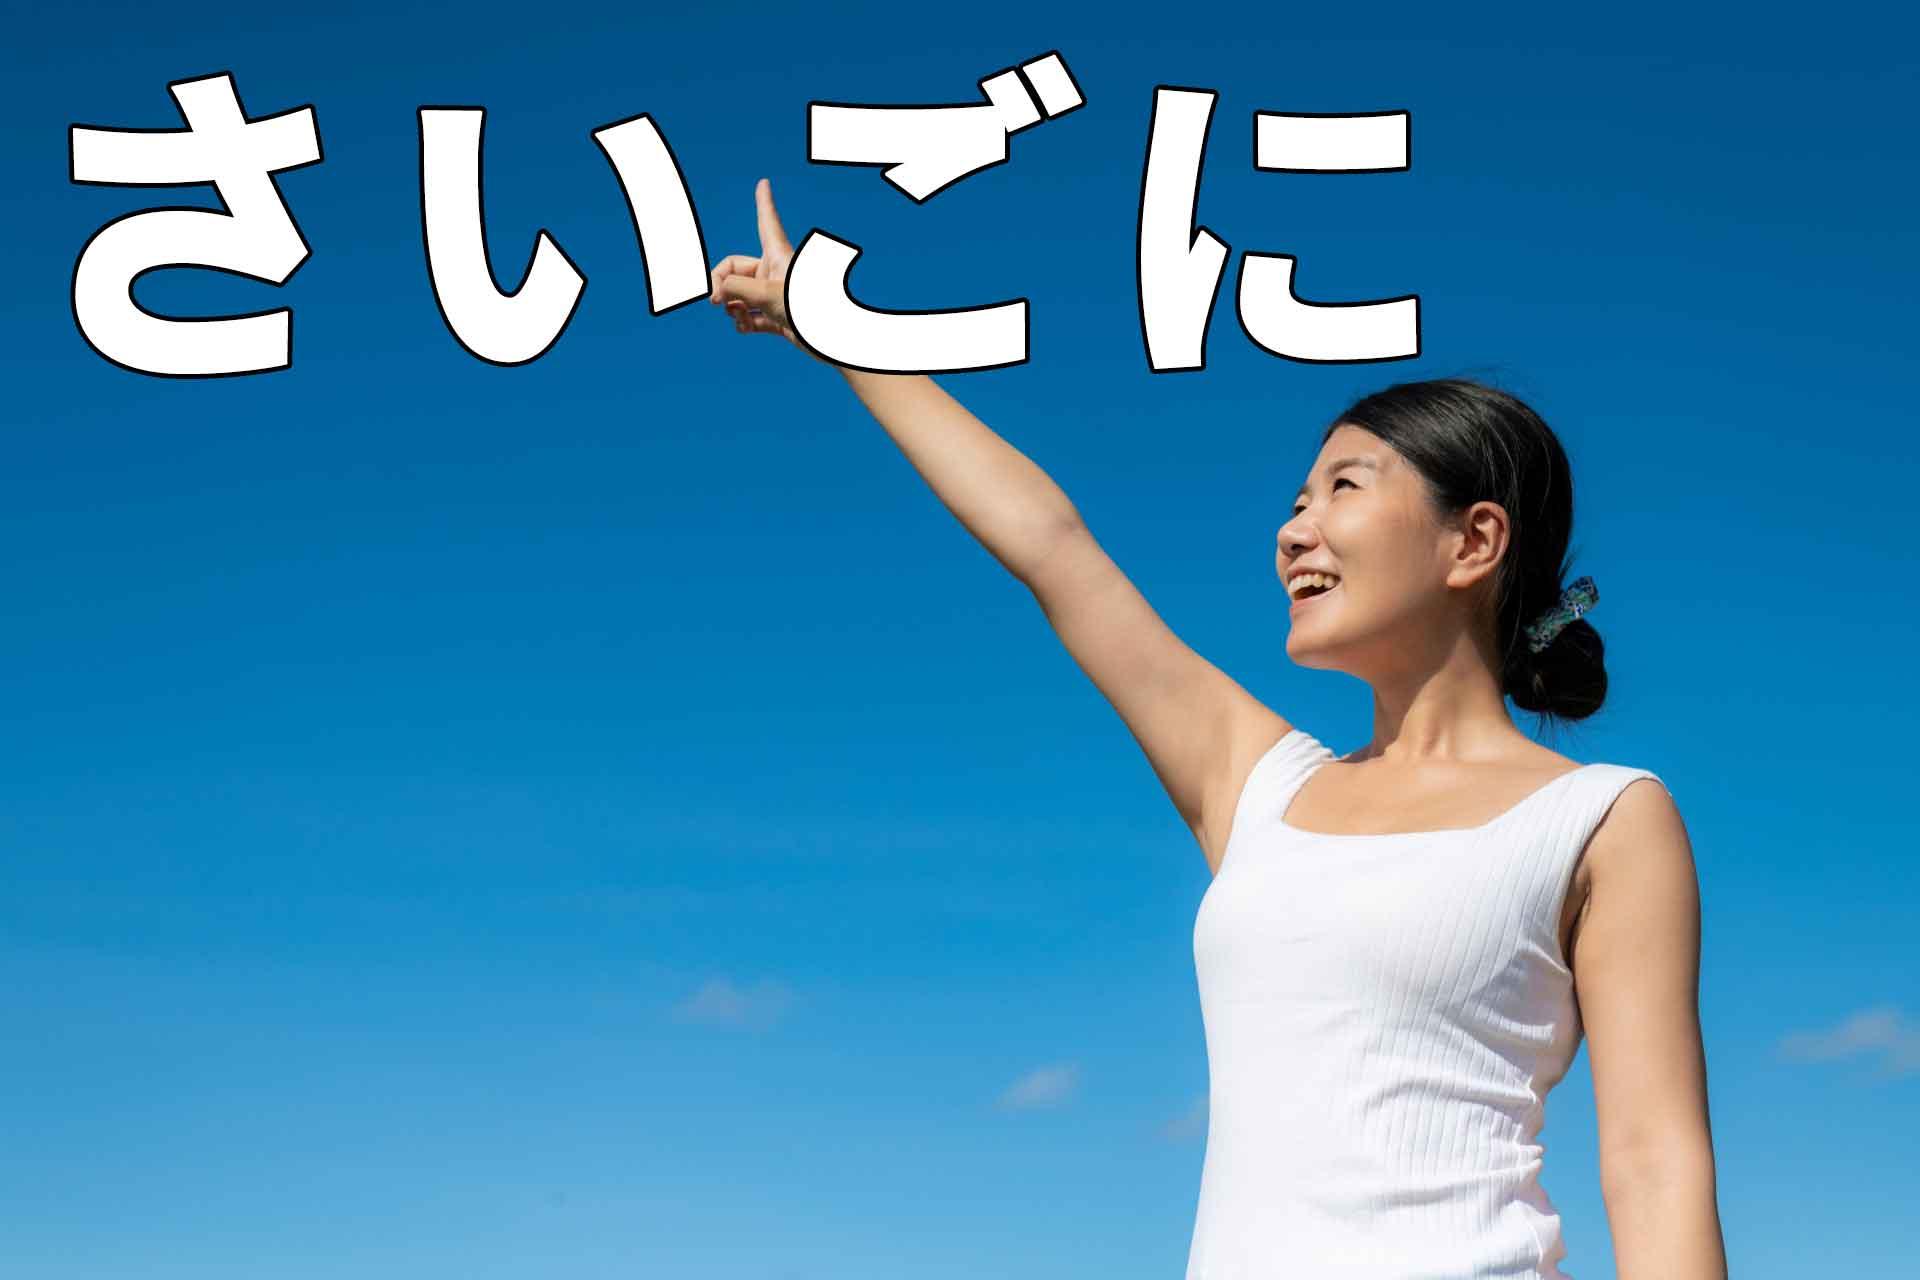 青空に向かって指を指しているタンクトップ姿の女性